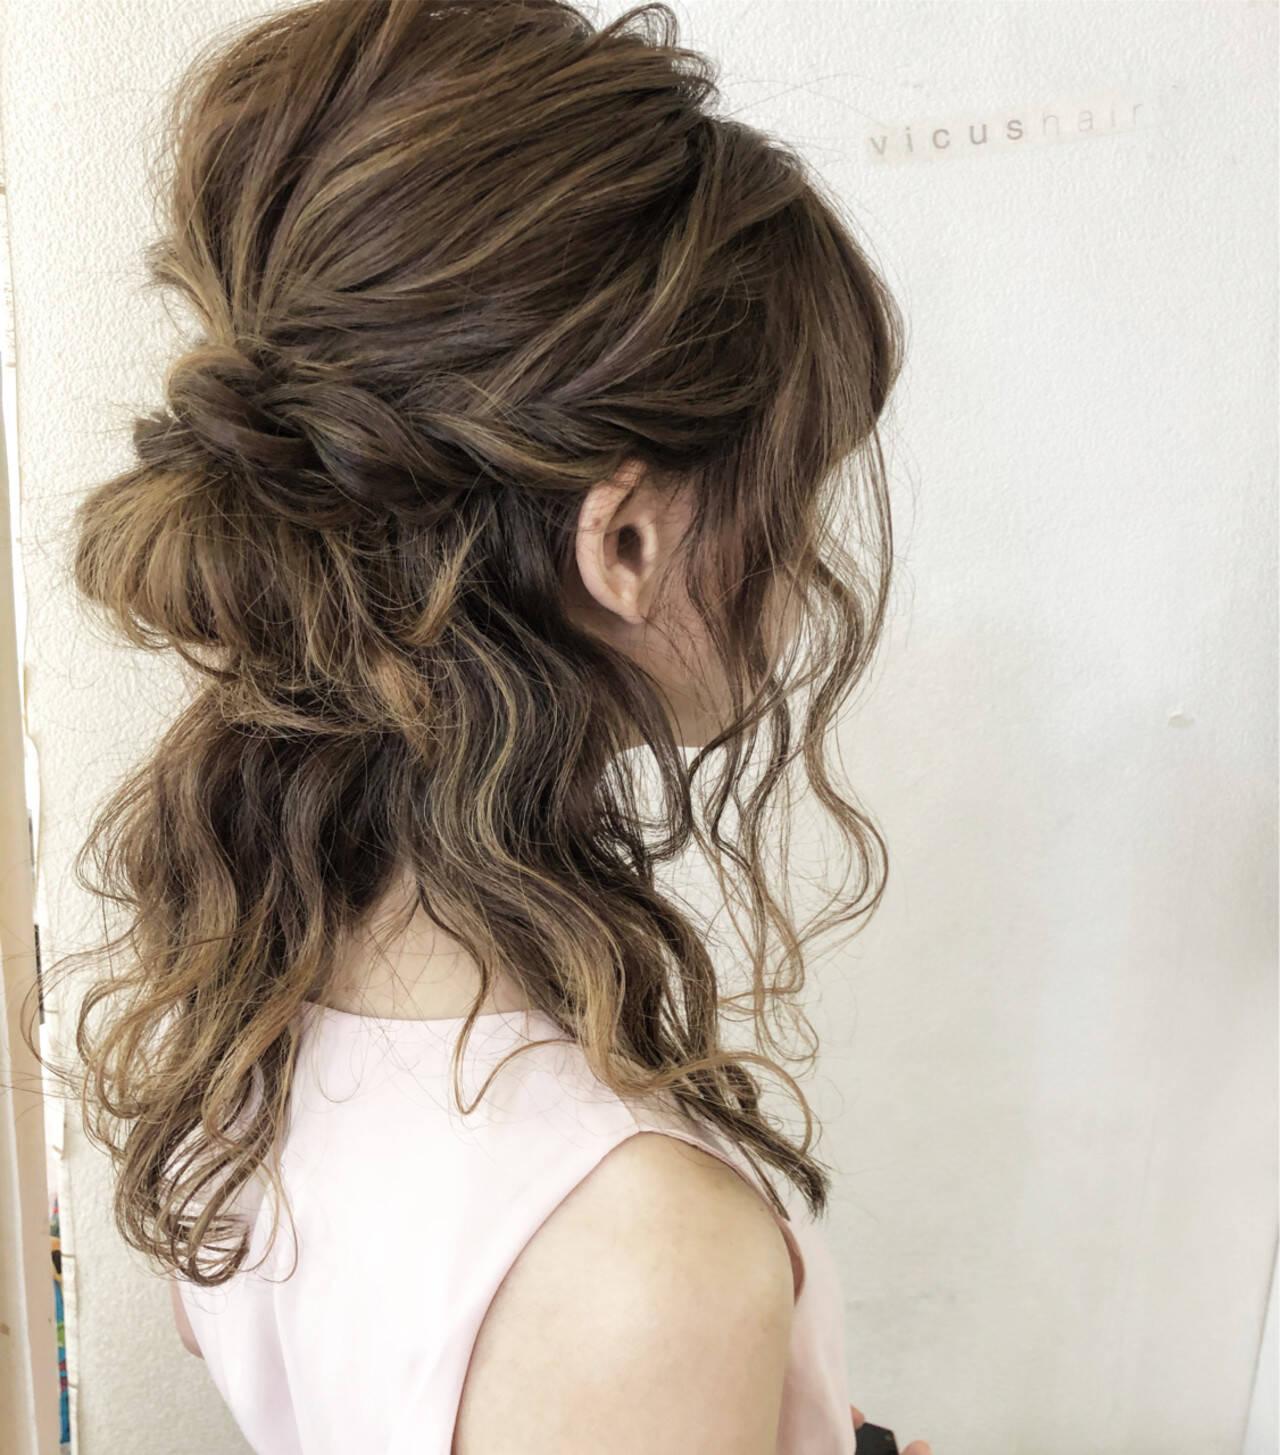 ハーフアップ セミロング ナチュラル ヘアアレンジヘアスタイルや髪型の写真・画像